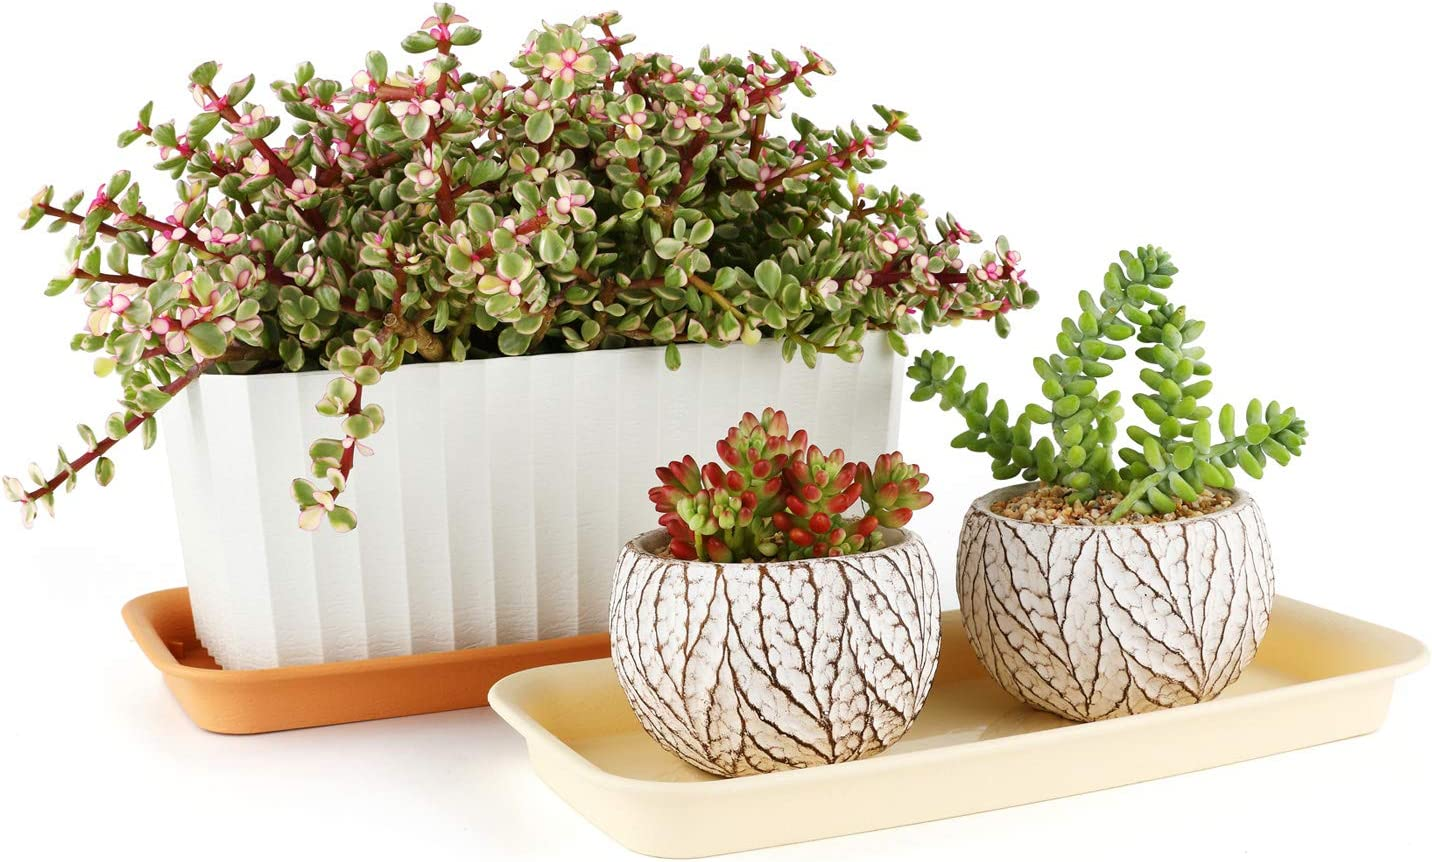 Orange Plateau de Pot de Plantes 36 cm Rectangle Loft Urban Soucoupe Lot de 4 Dessous de Pot de Fleurs en Plastique T4U Soucoupe pour Pot de Fleur